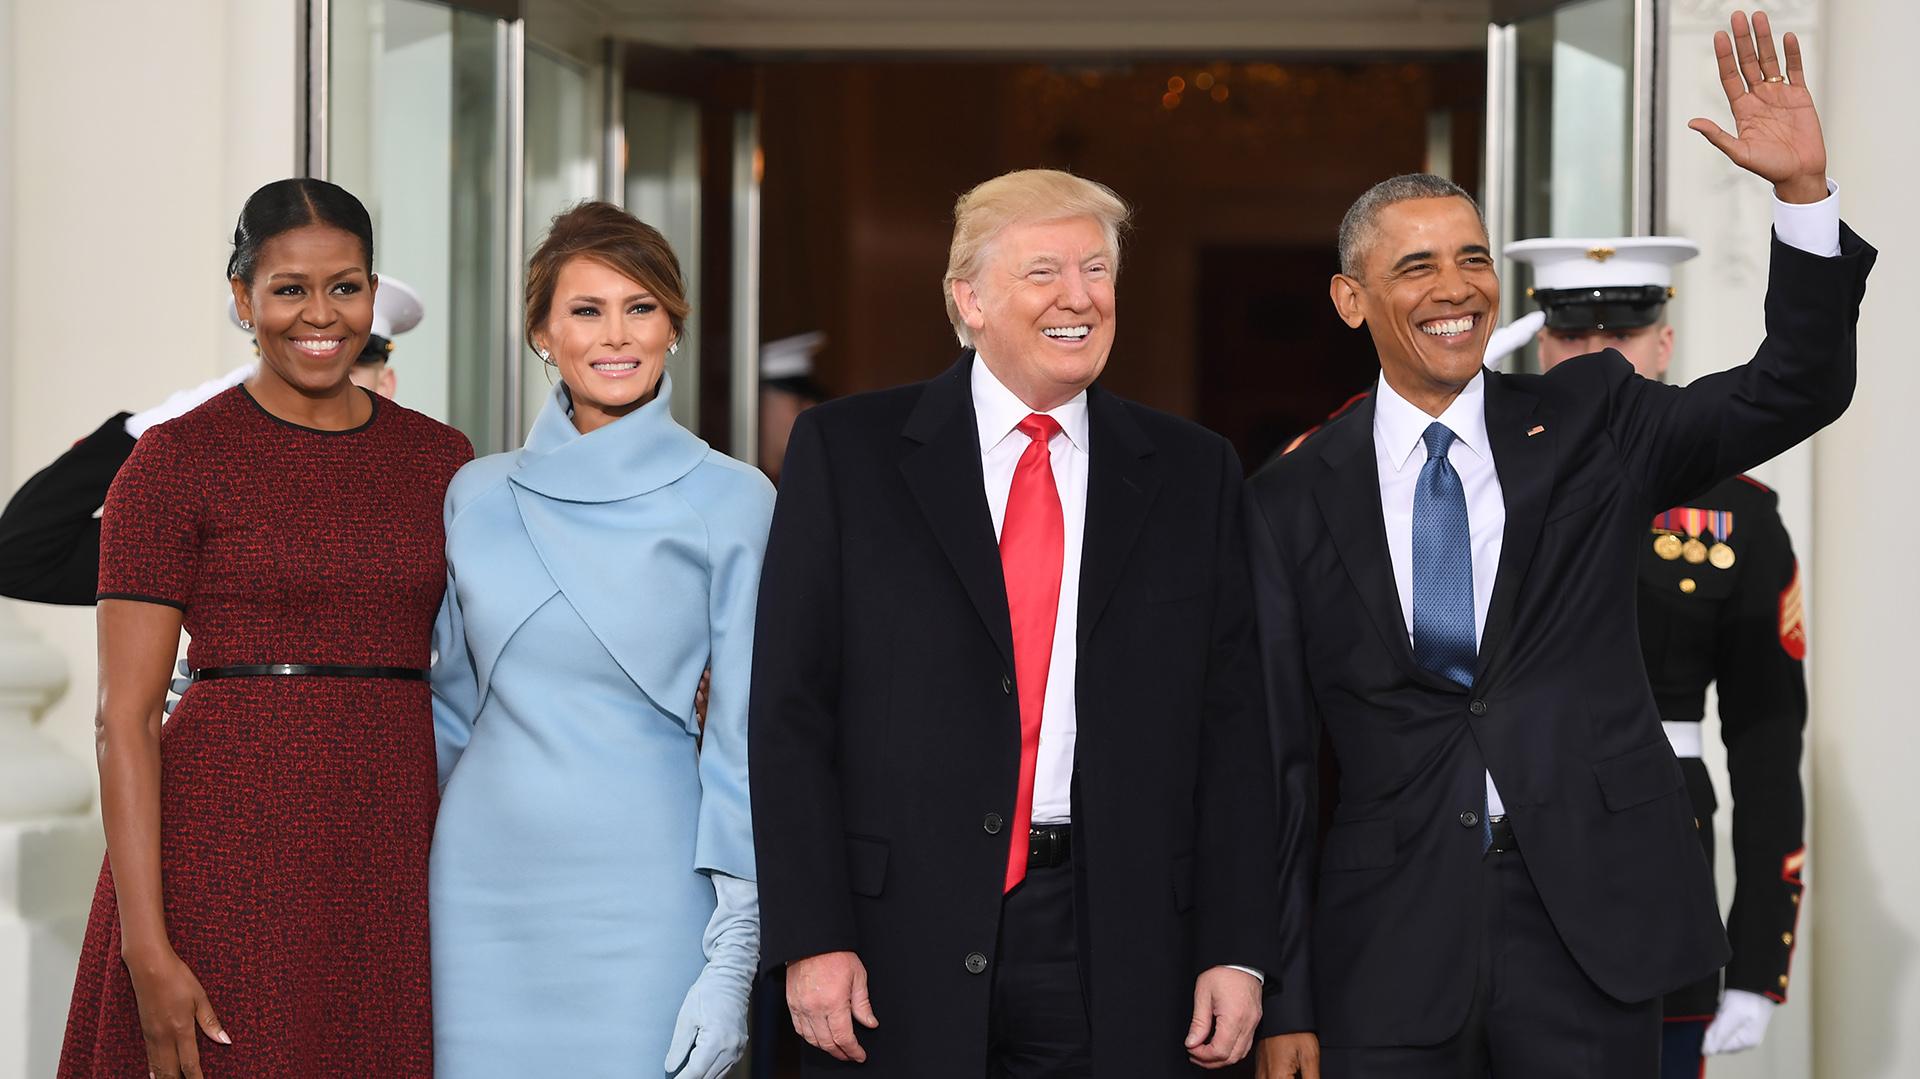 Los cuatro posan sonrientes en la entrada de la Casa Blanca